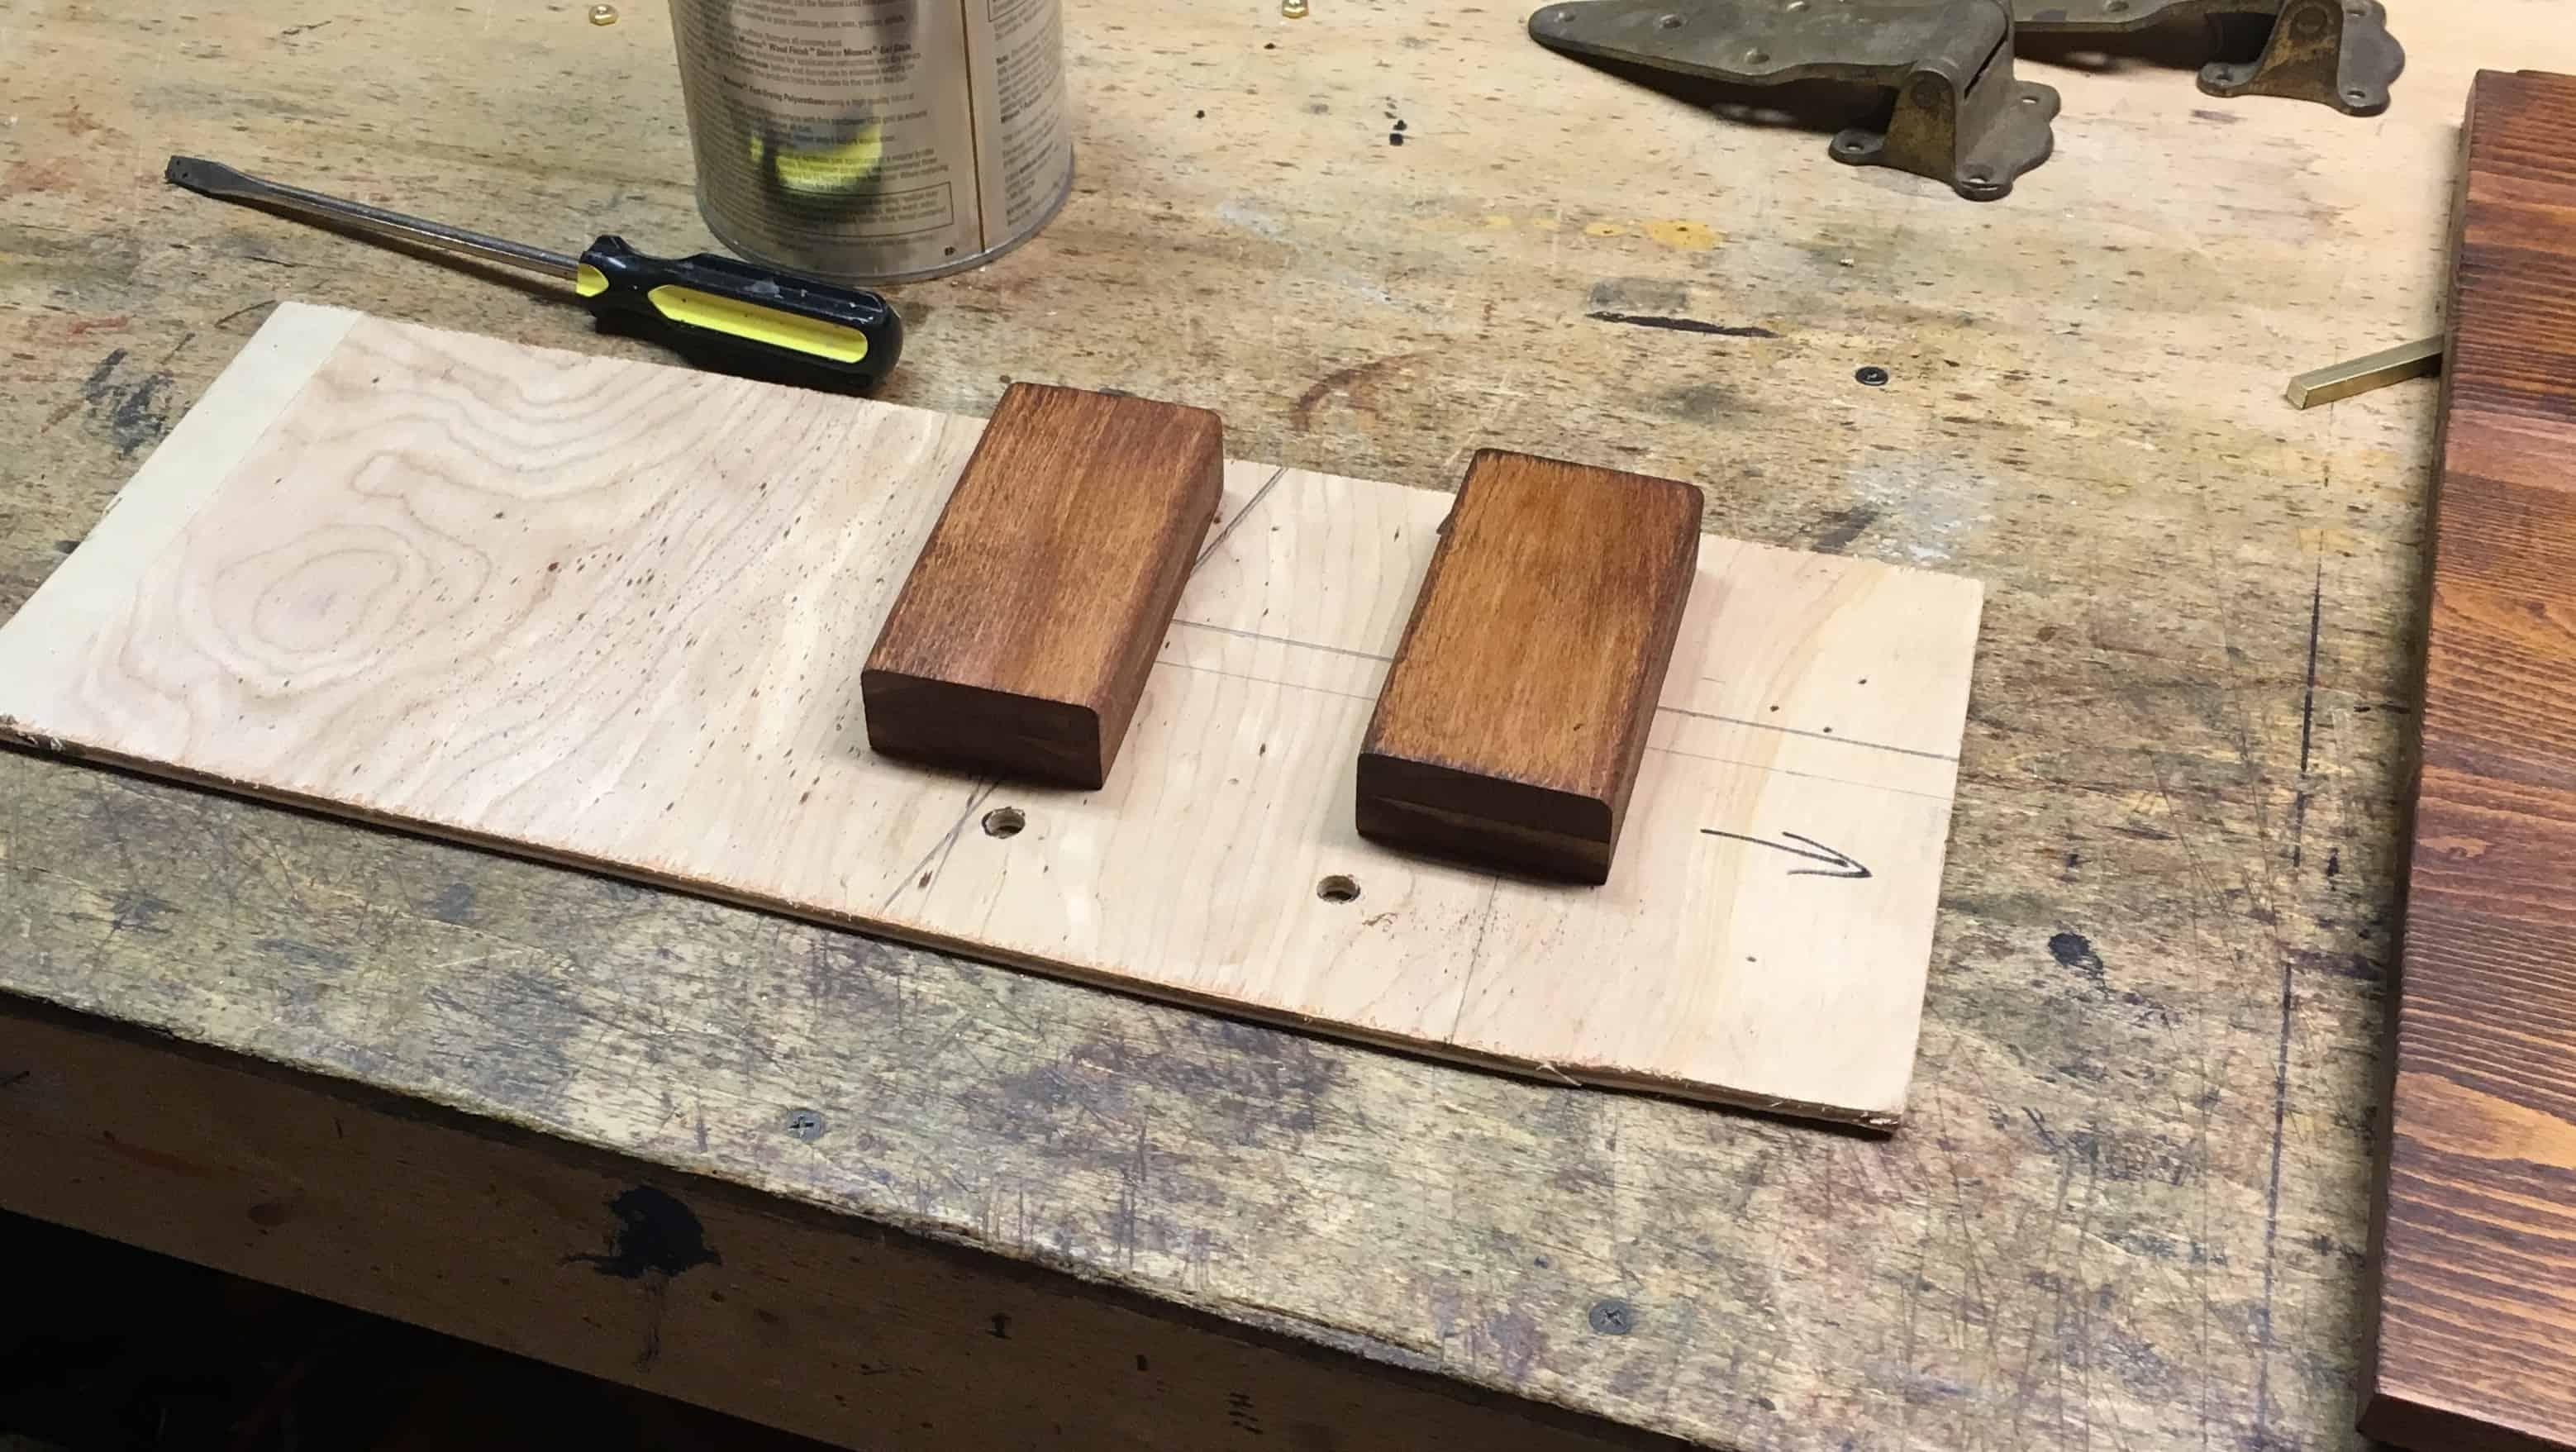 14 hinge blocks